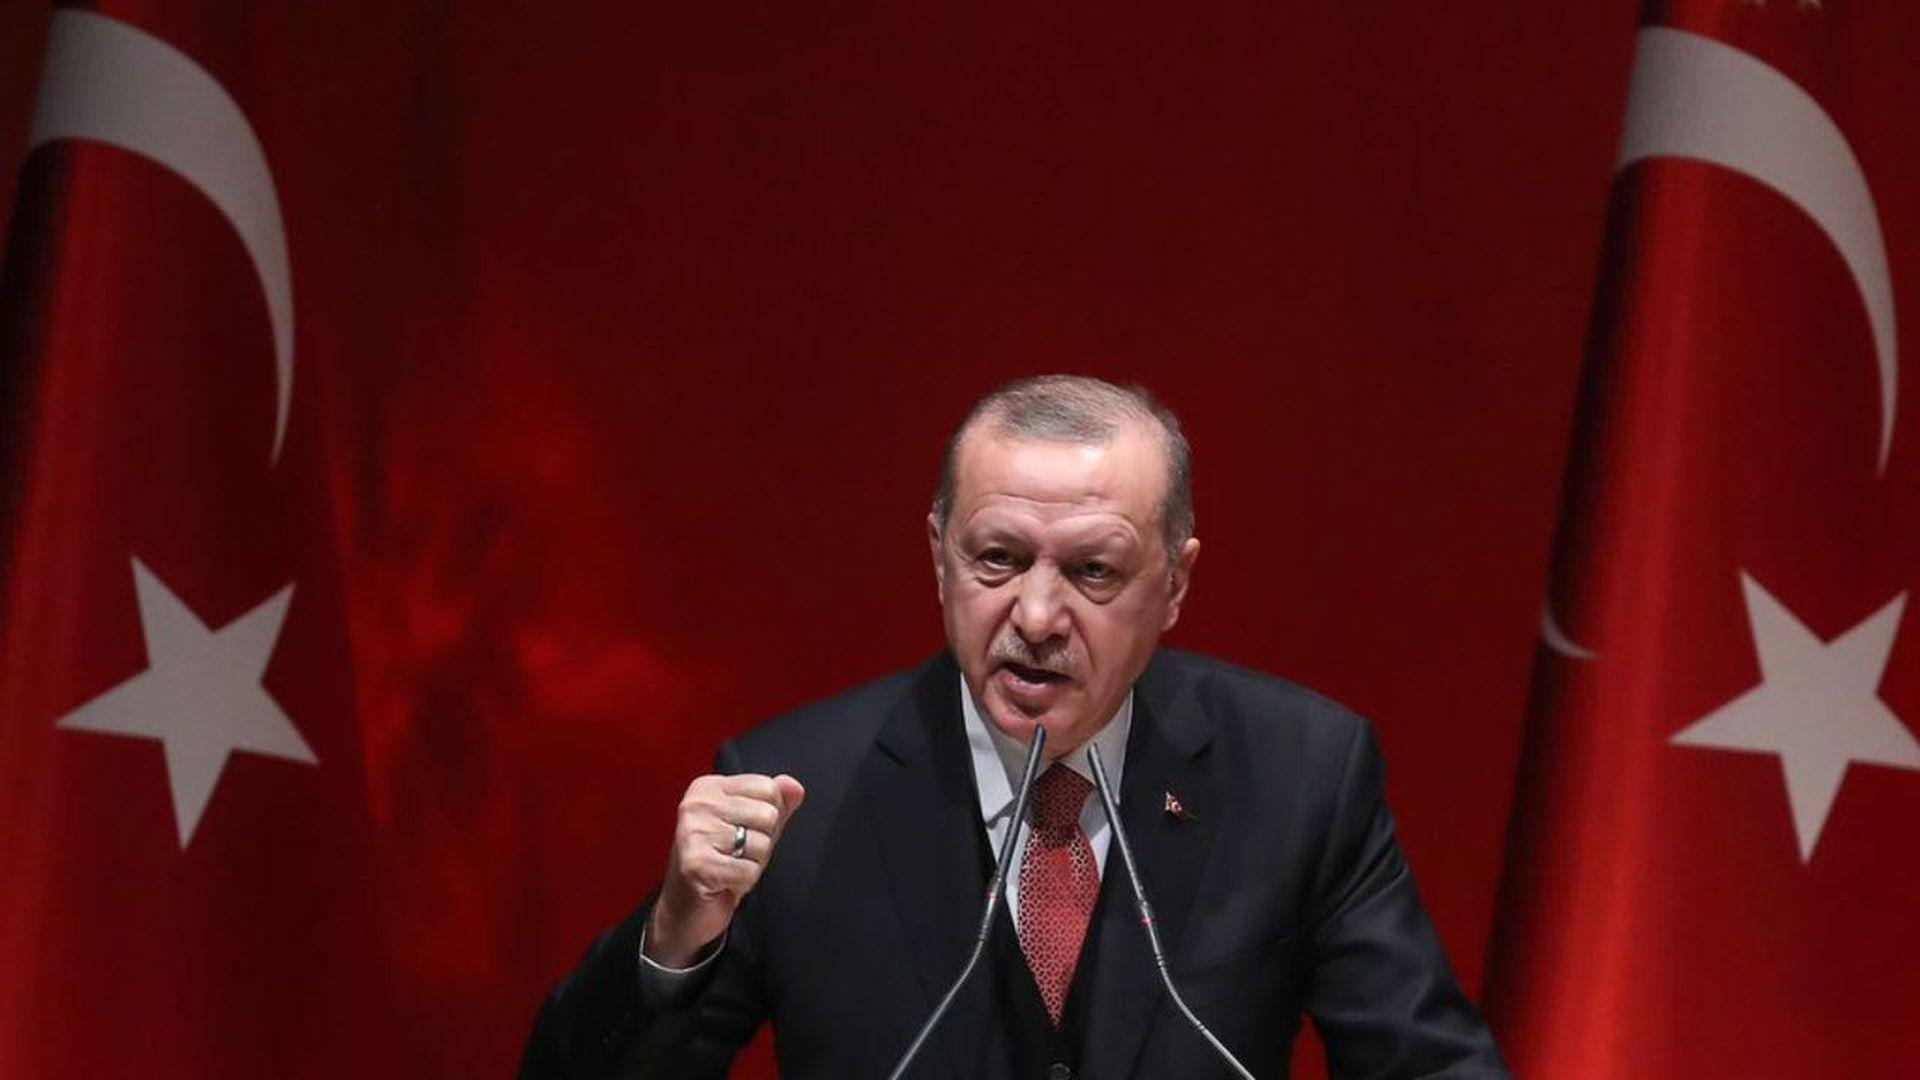 Turkiy president